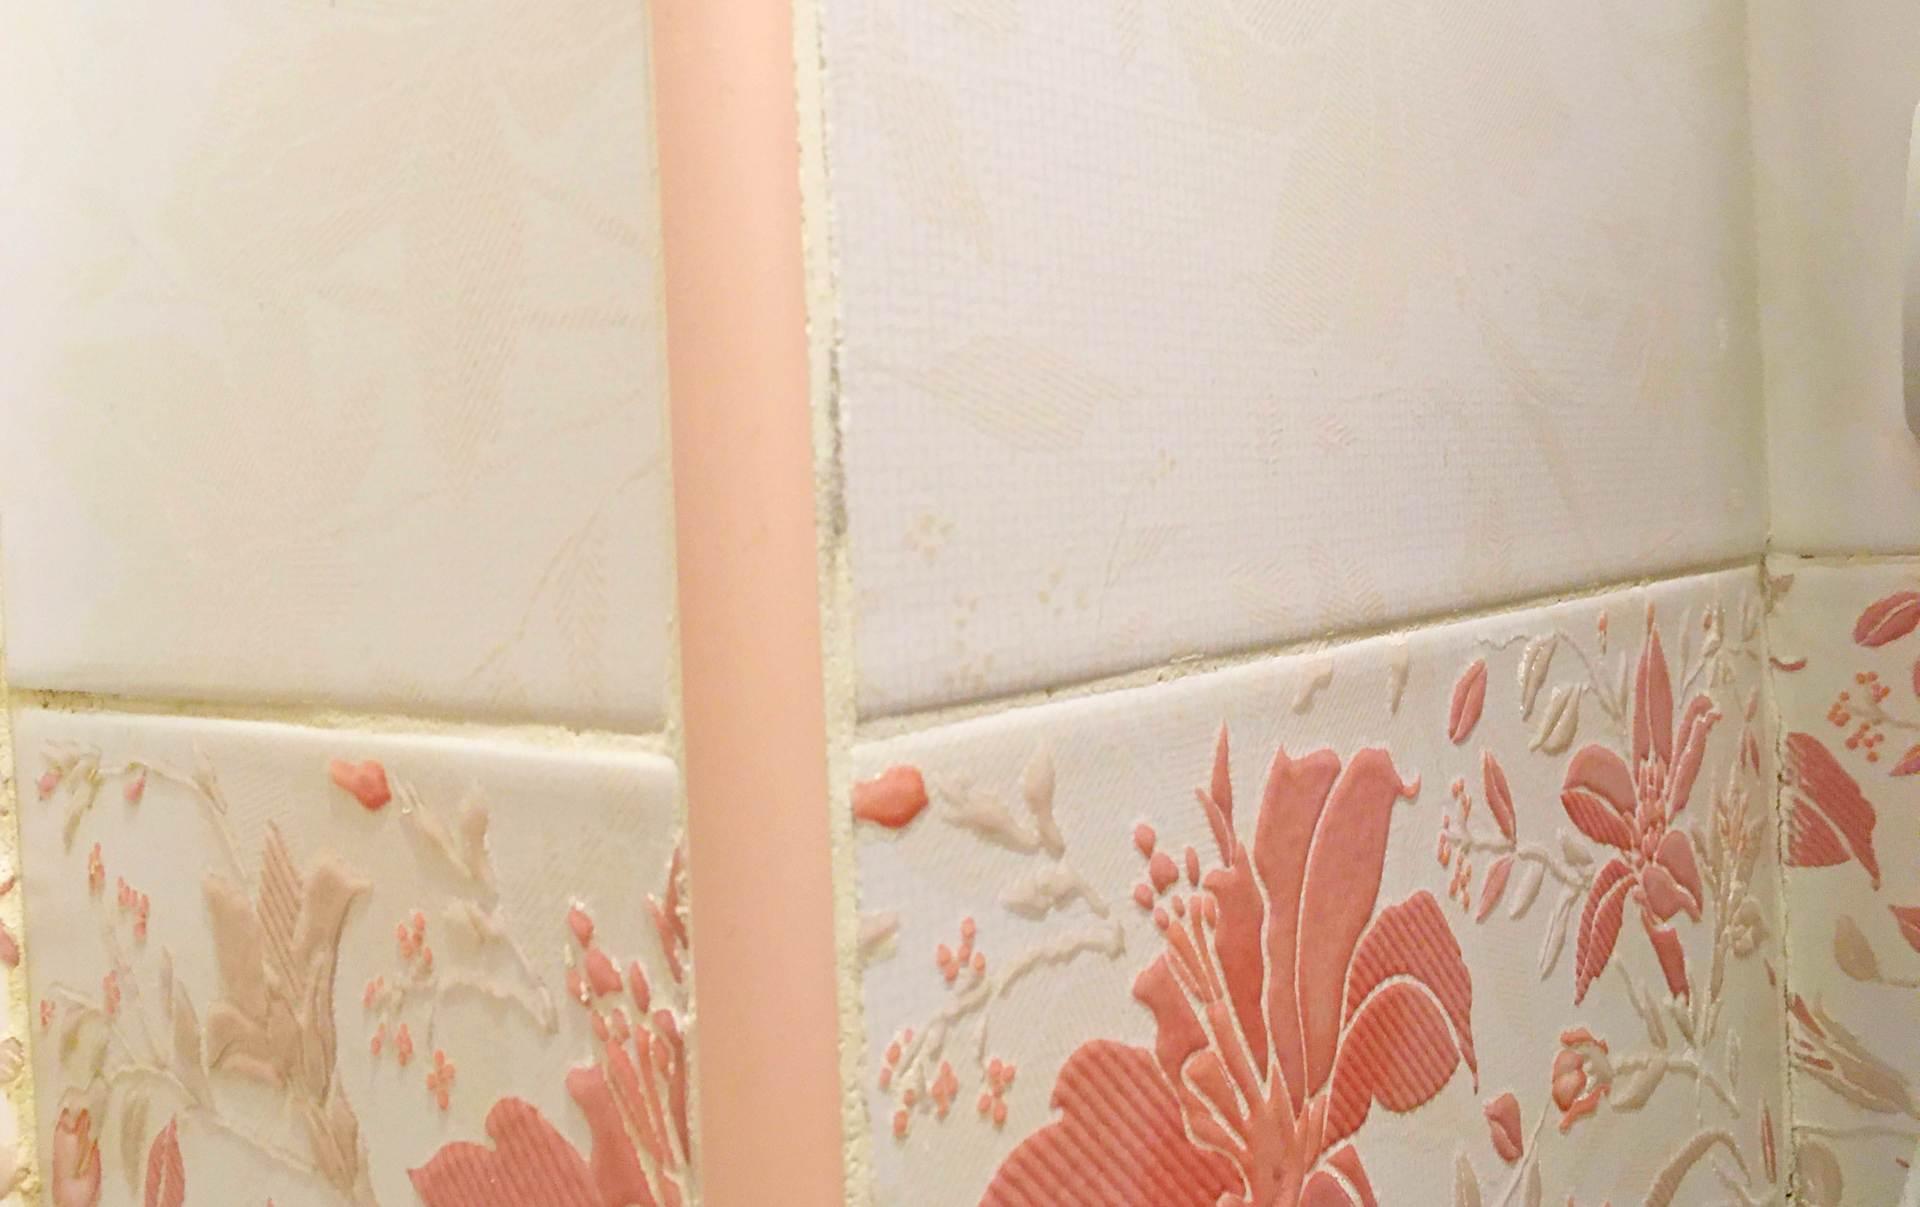 пластиковый угол плохо уложенная плитка 20 на 30 см